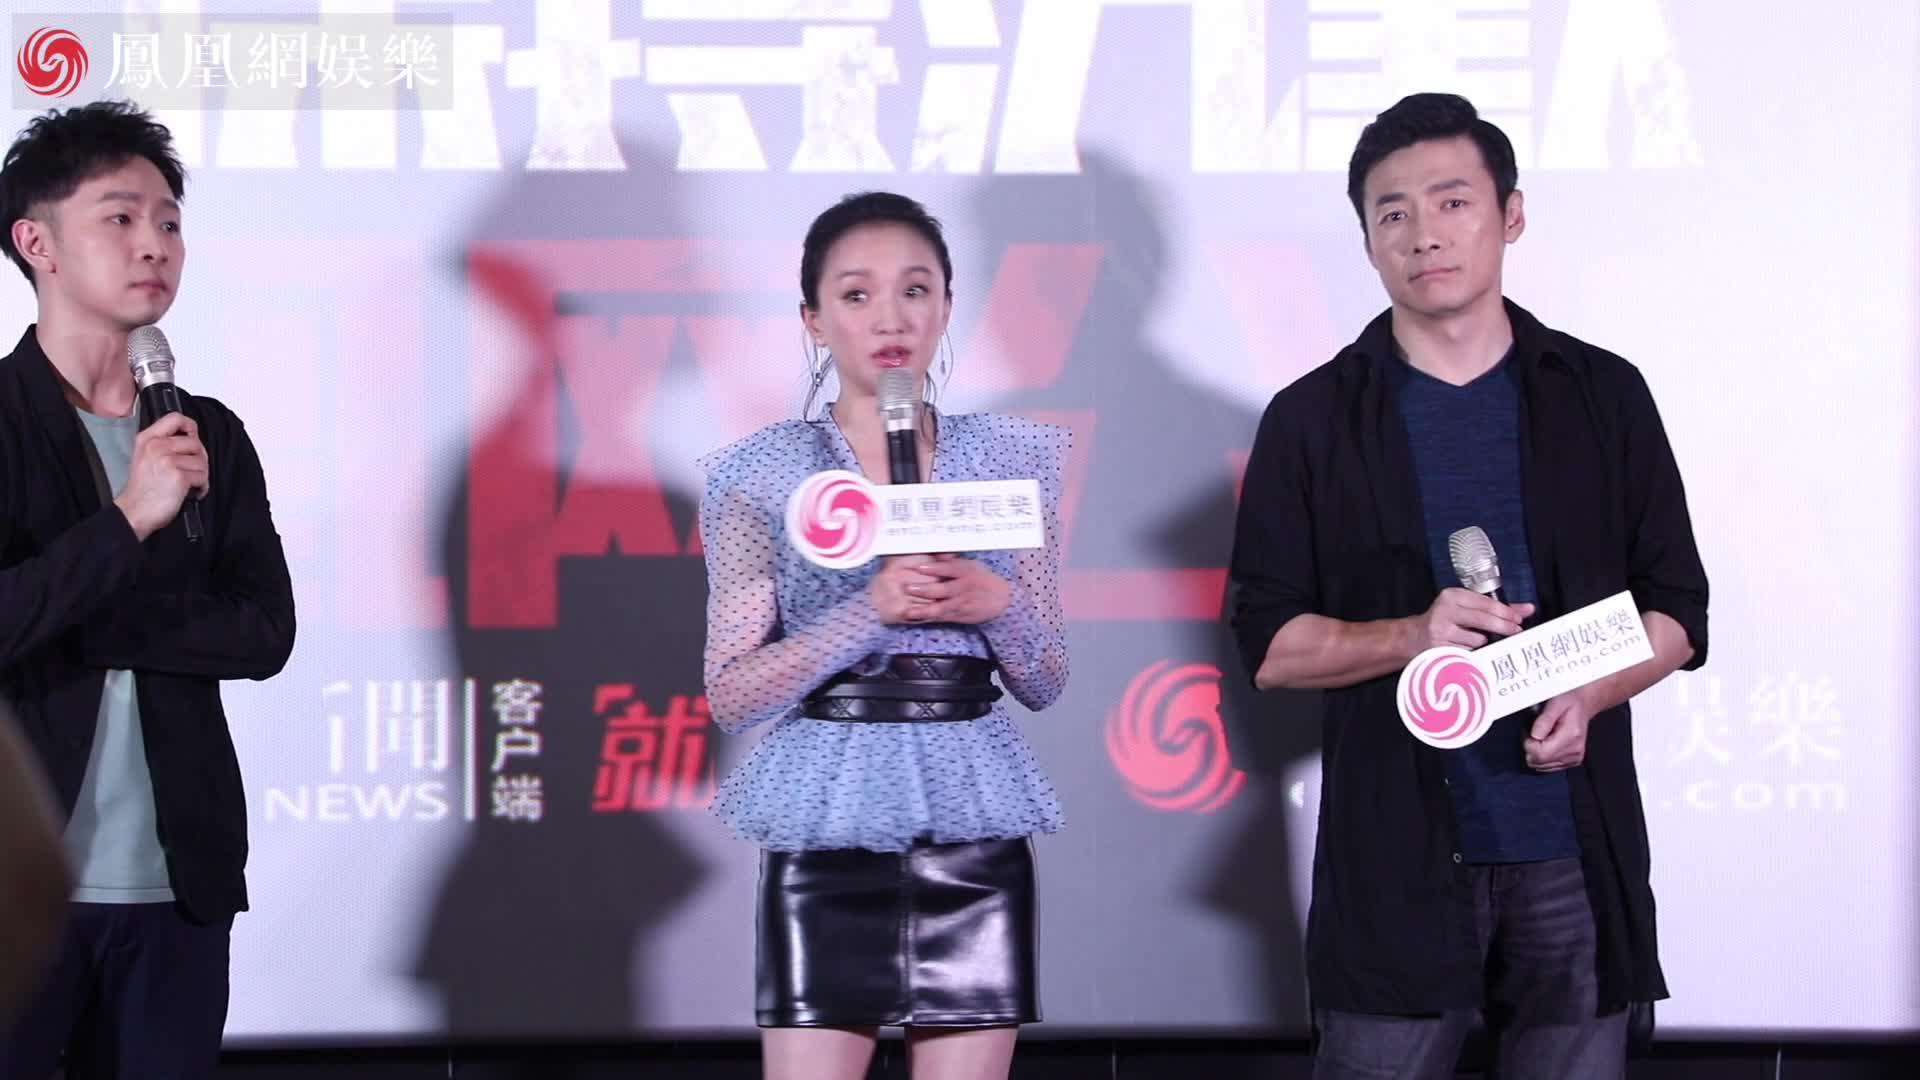 《保持沉默》公映礼:祖峰接演因被剧本打动 大赞周迅敬业精神